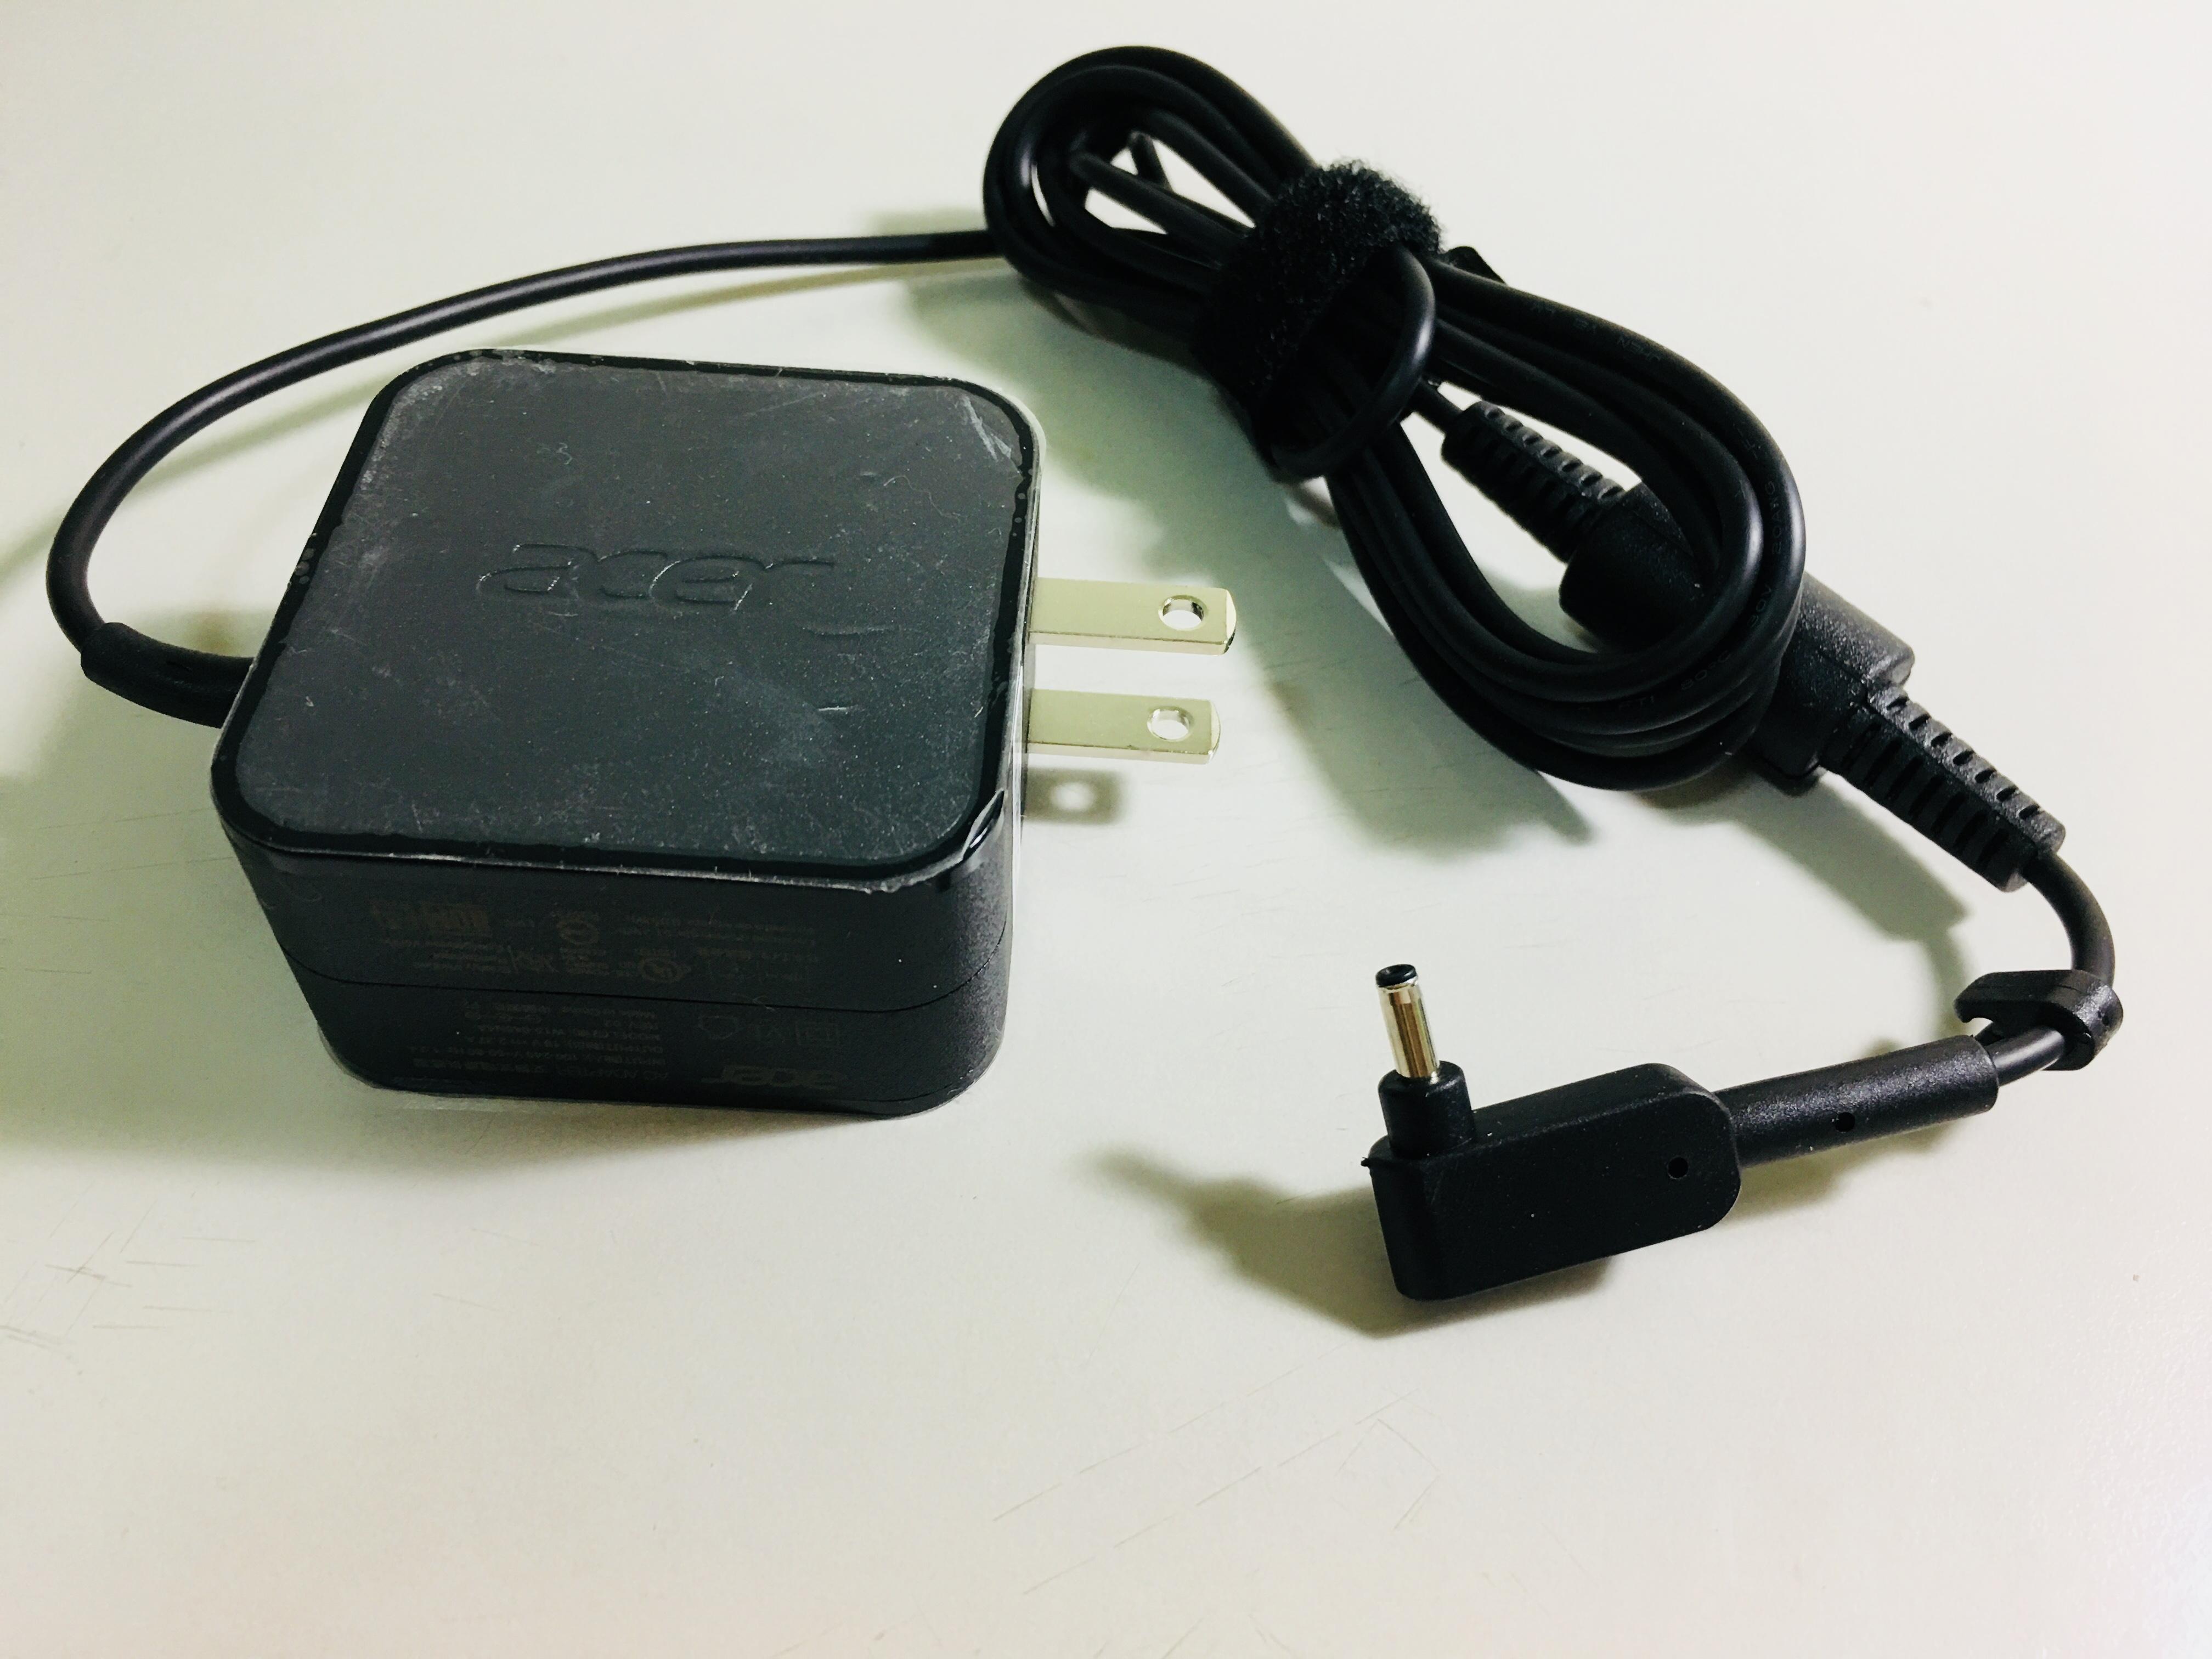 電源變壓器 體驗上電源線與筆電機體連接部分不是很牢固